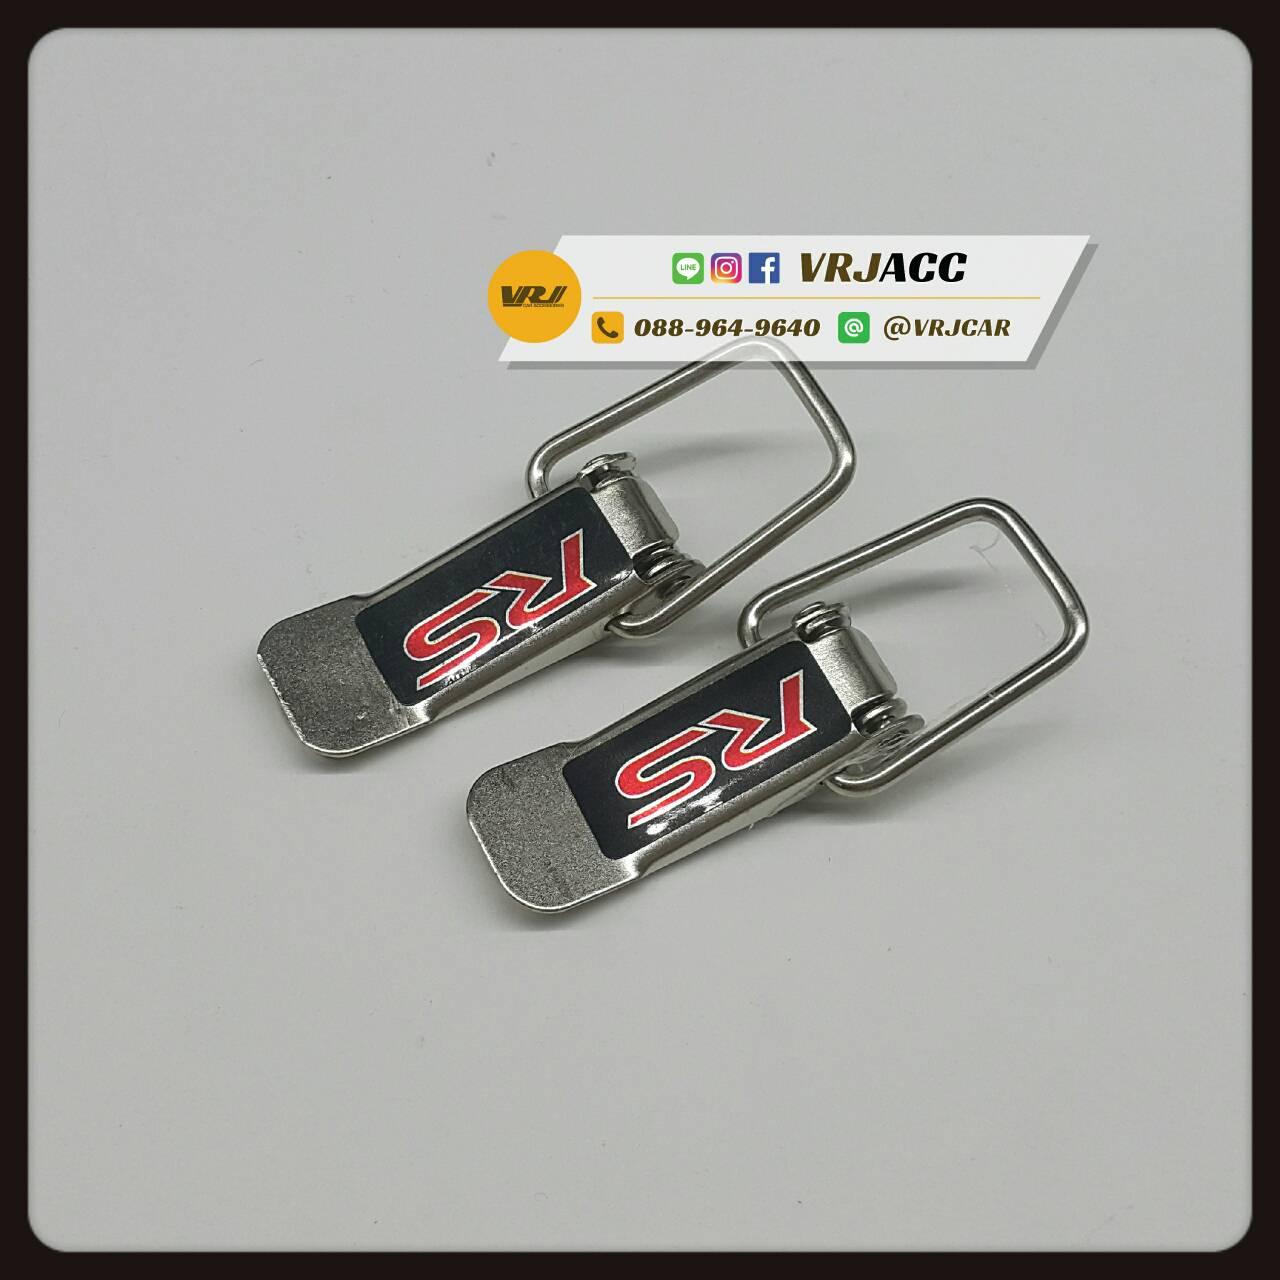 กิฟล็อค ตัวล็อค สเกิร์ต ขนาด 1.8 นิ้ว : Universal Car Bonnet Bumper Clip RS